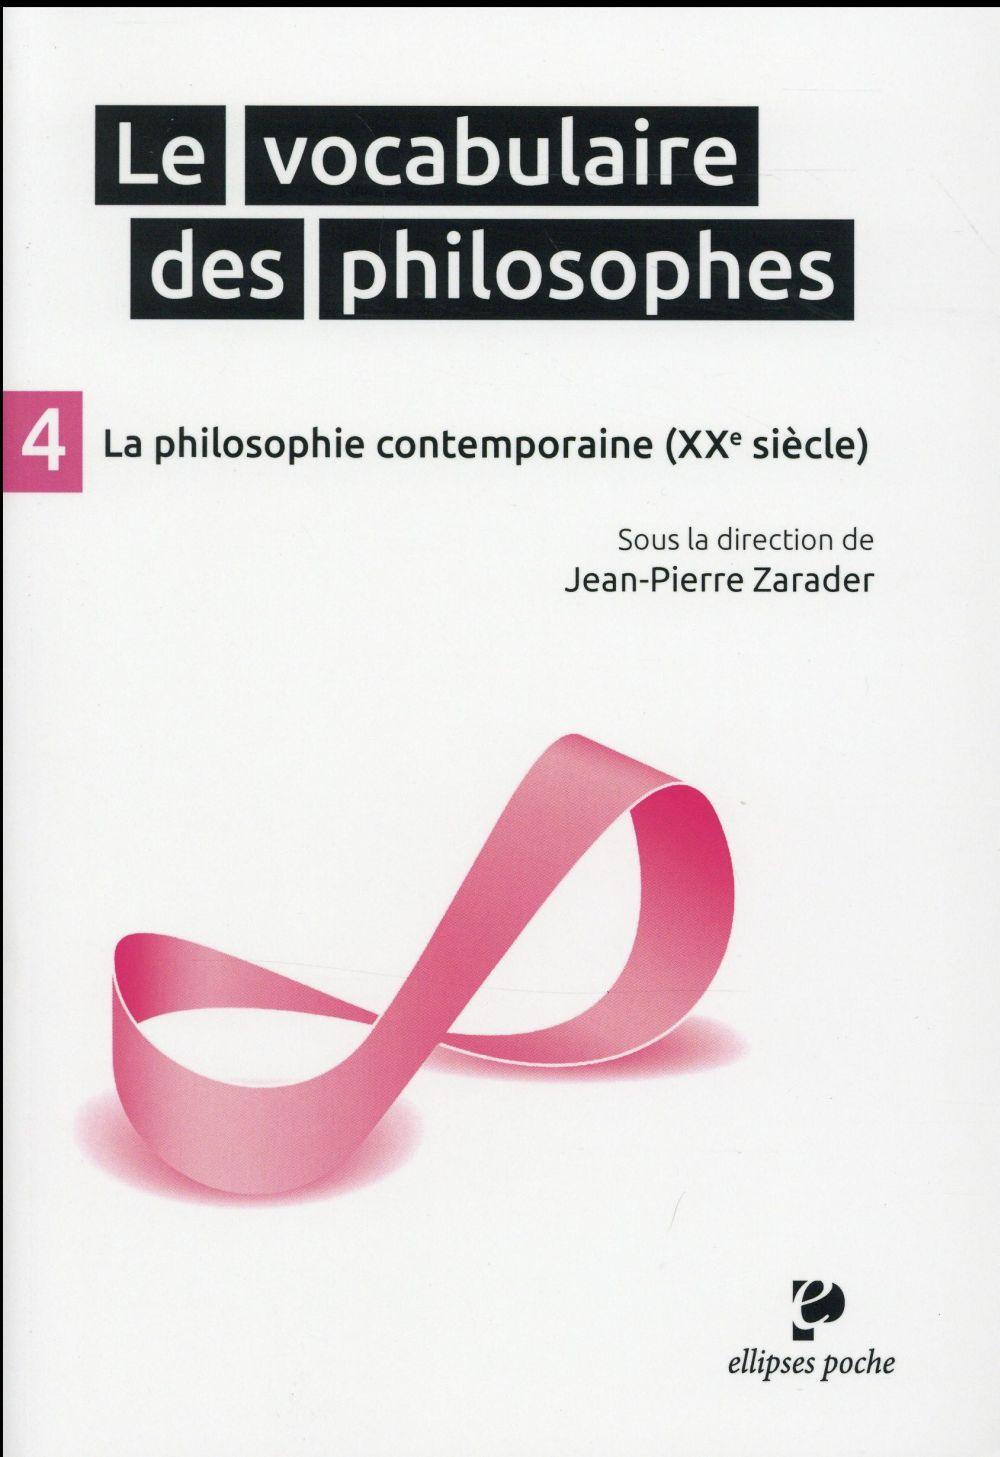 LE VOCABULAIRE DES PHILOSOPHES - LA PHILOSOPHIE CONTEMPORAINE (XXE SIECLE)